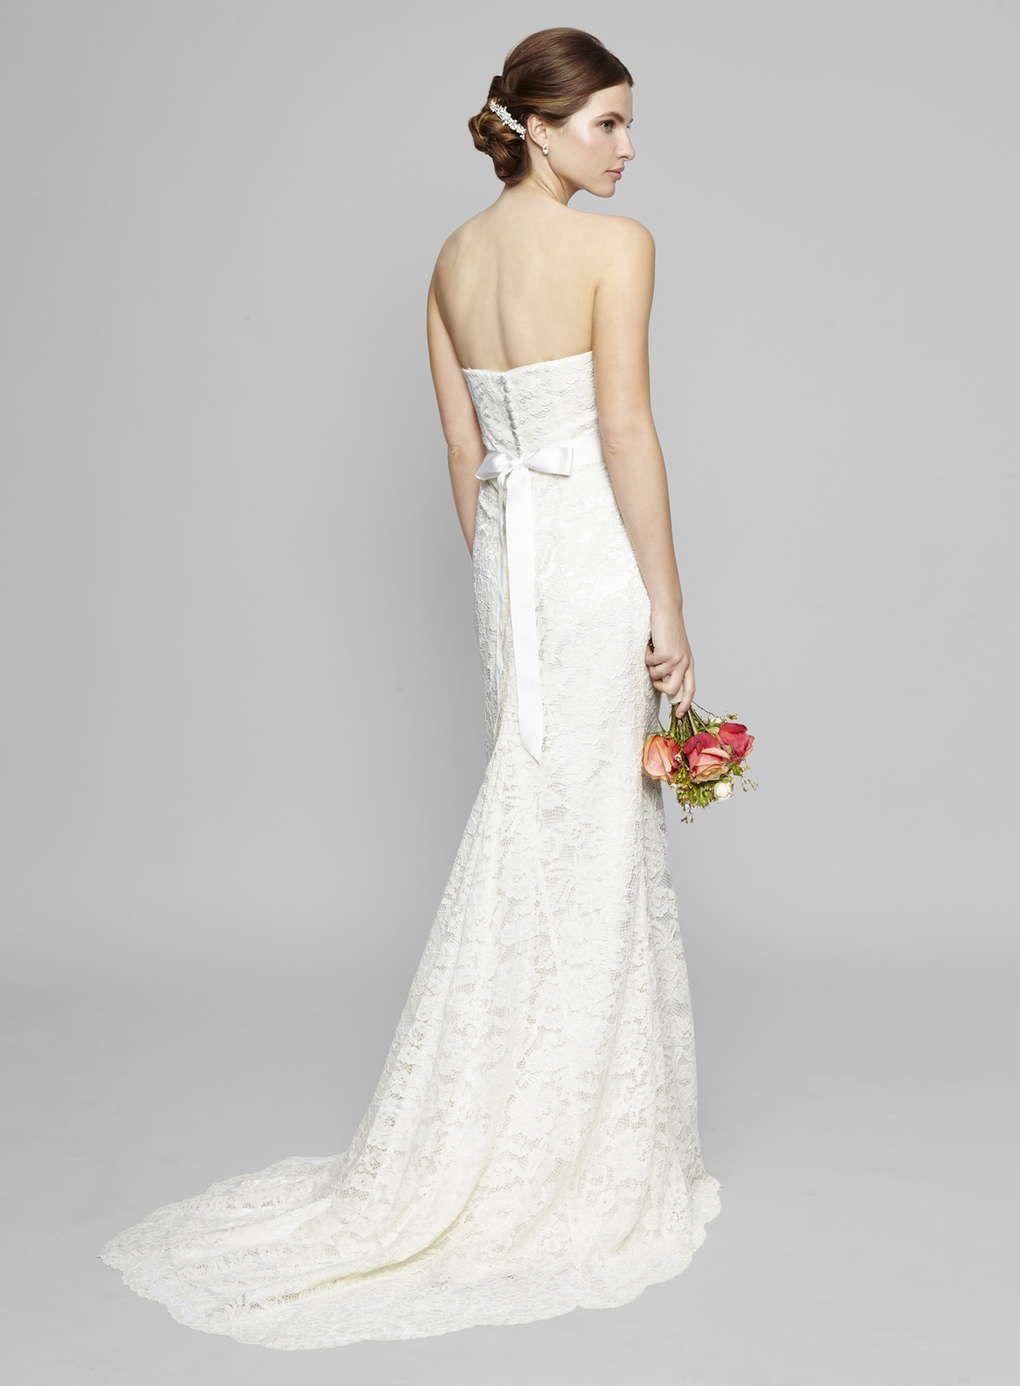 Ivory phoebe lace wedding dress httpweddingheartbhs ivory phoebe lace wedding dress httpweddingheart ombrellifo Choice Image